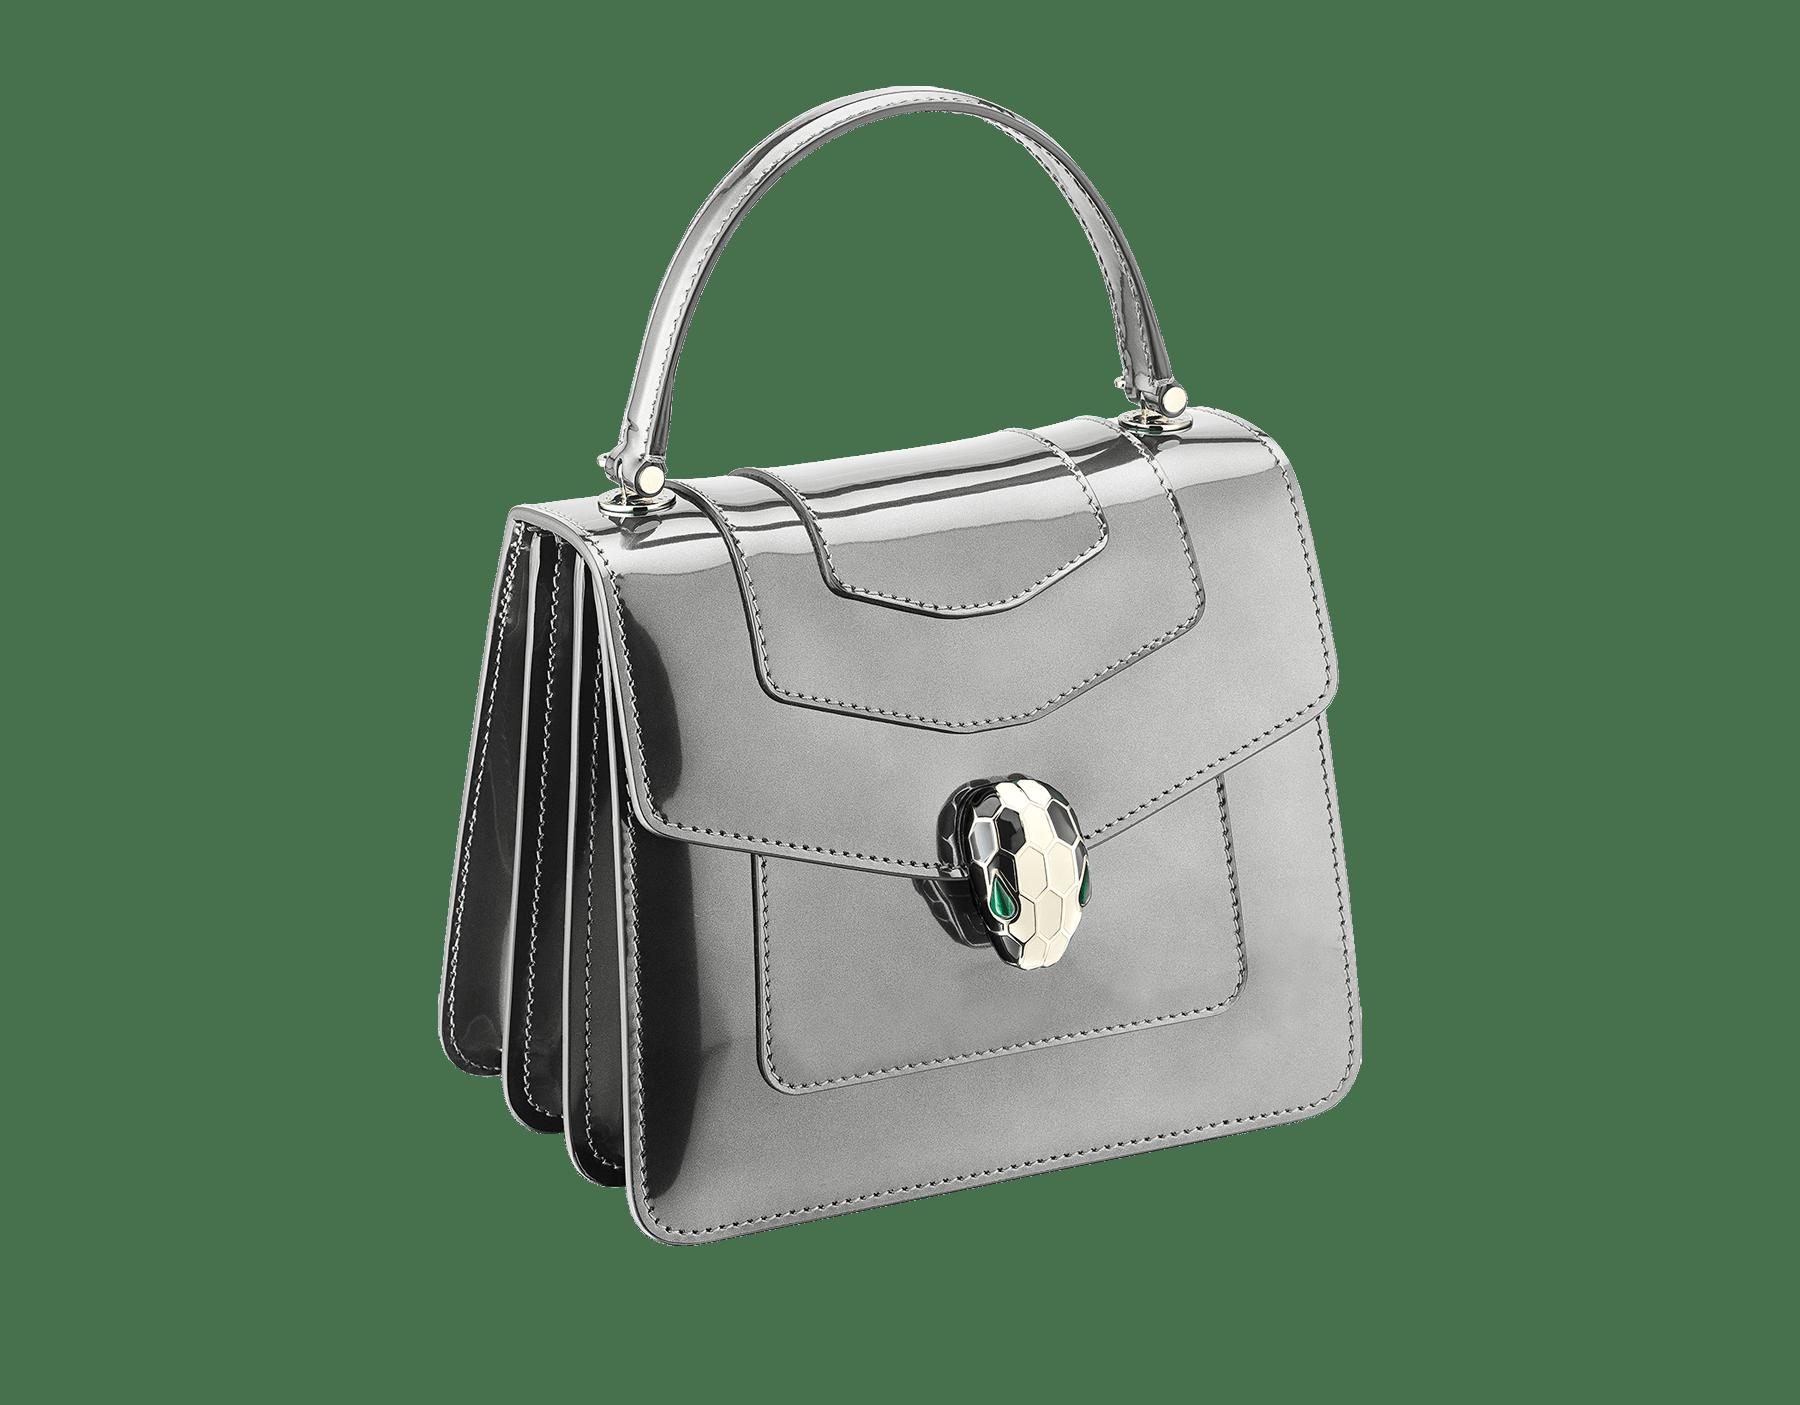 Serpenti Forever Tasche mit Umschlag aus gebürstetem bronzefarbenen Metallic-Kalbsleder. Hellvergoldete Metallelemente aus Messing und Schlangenkopfverschluss aus schwarzer und weißer Emaille mit malachitgrünen Augen. Test-Borse-Colore image 2